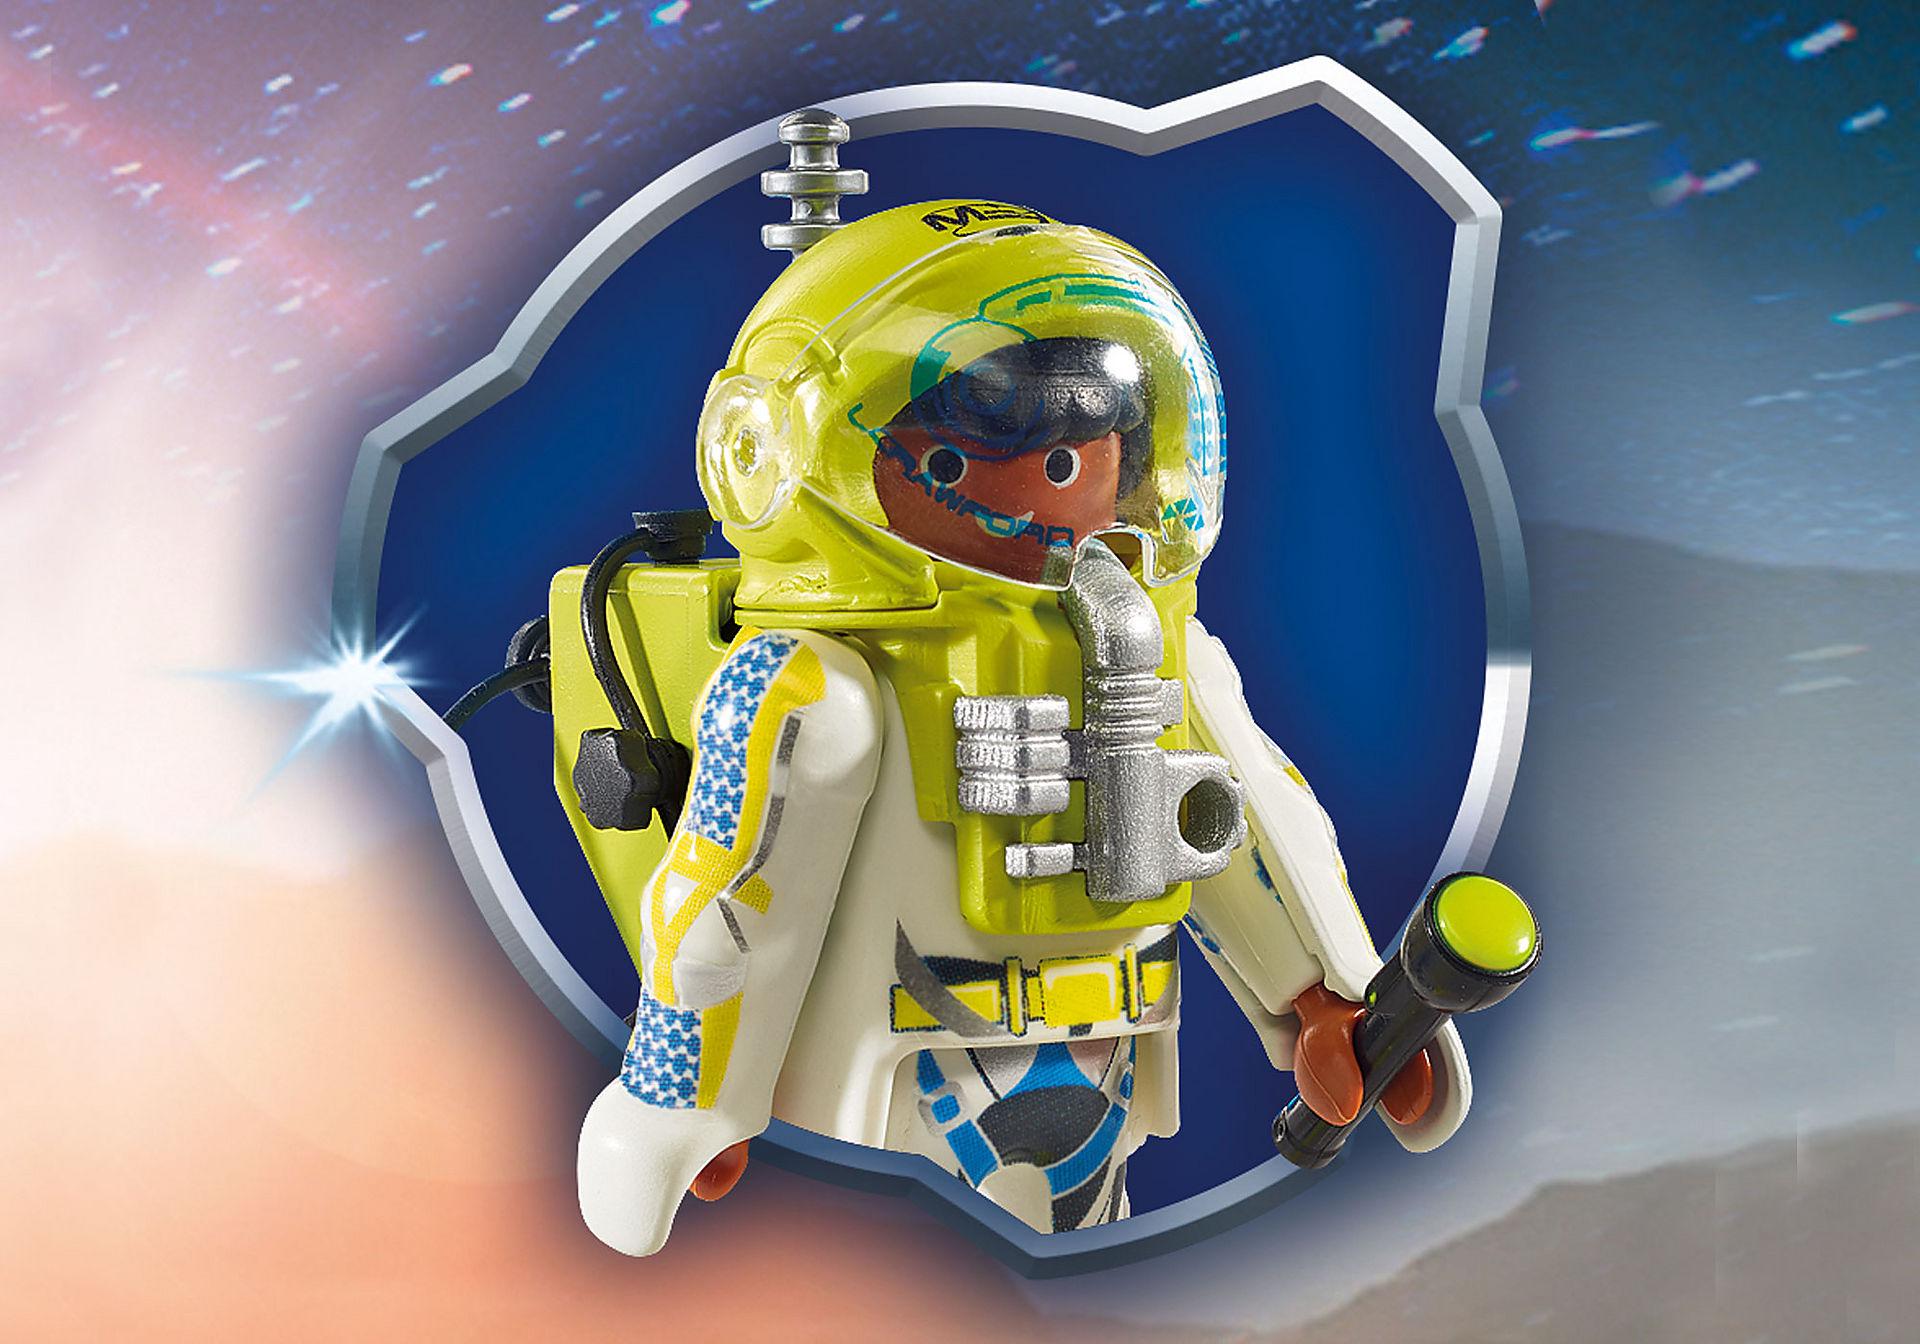 9487 Διαστημικός Σταθμός στον Άρη zoom image8